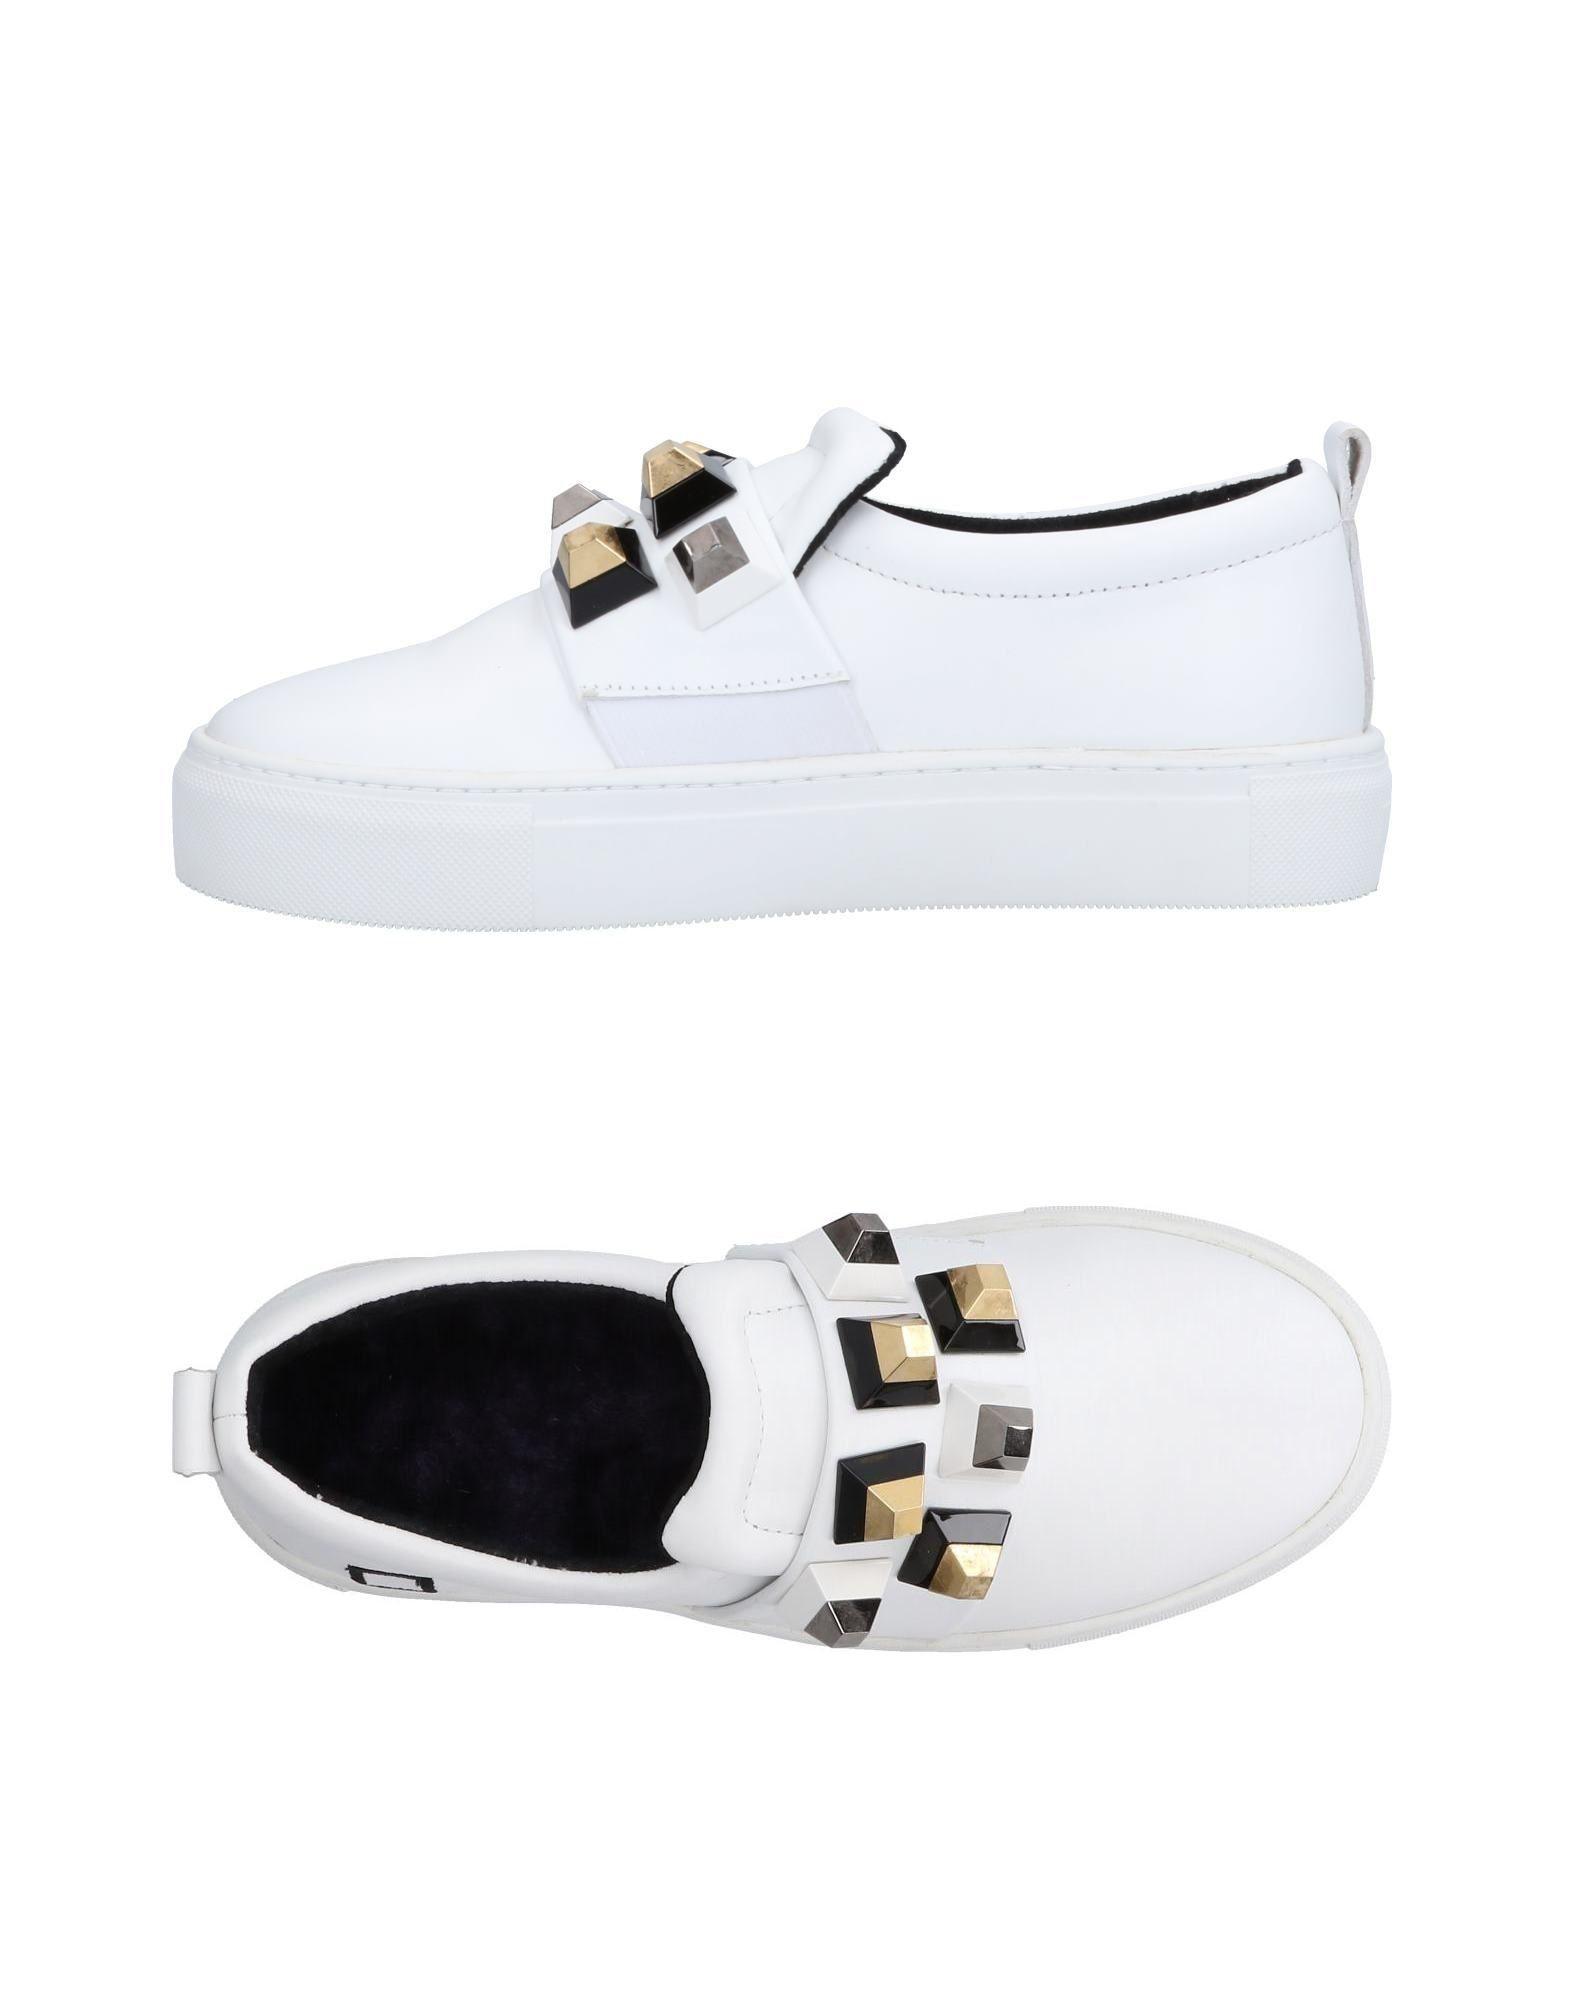 Gut um billige Damen Schuhe zu tragenD.A.T.E. Sneakers Damen billige  11495512DQ 5a3be0